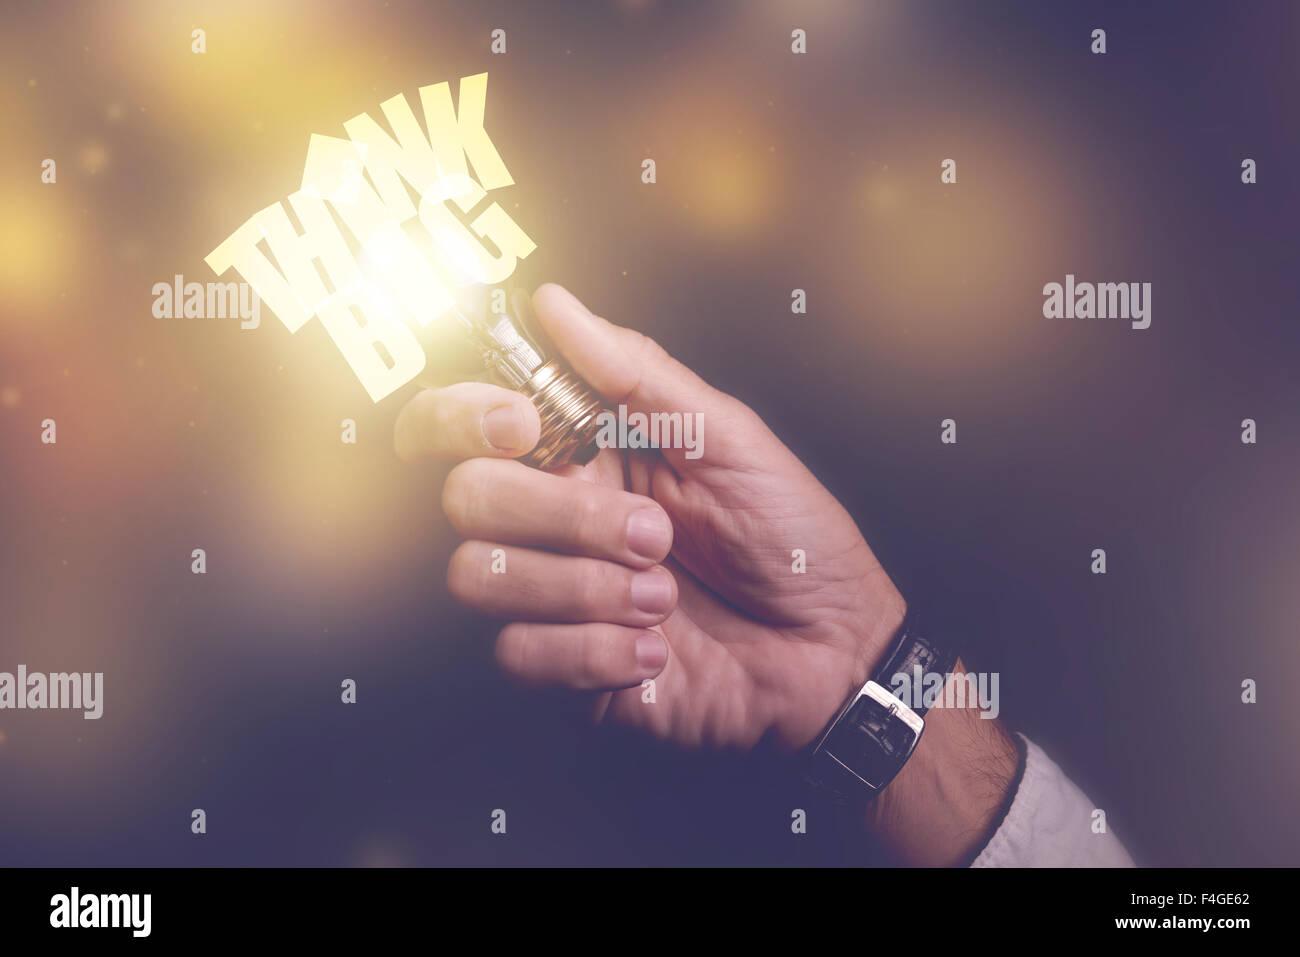 Pensare in grande idee di business metafora visiva, imprenditore con lampadina, dai toni rétro immagine, il Immagini Stock